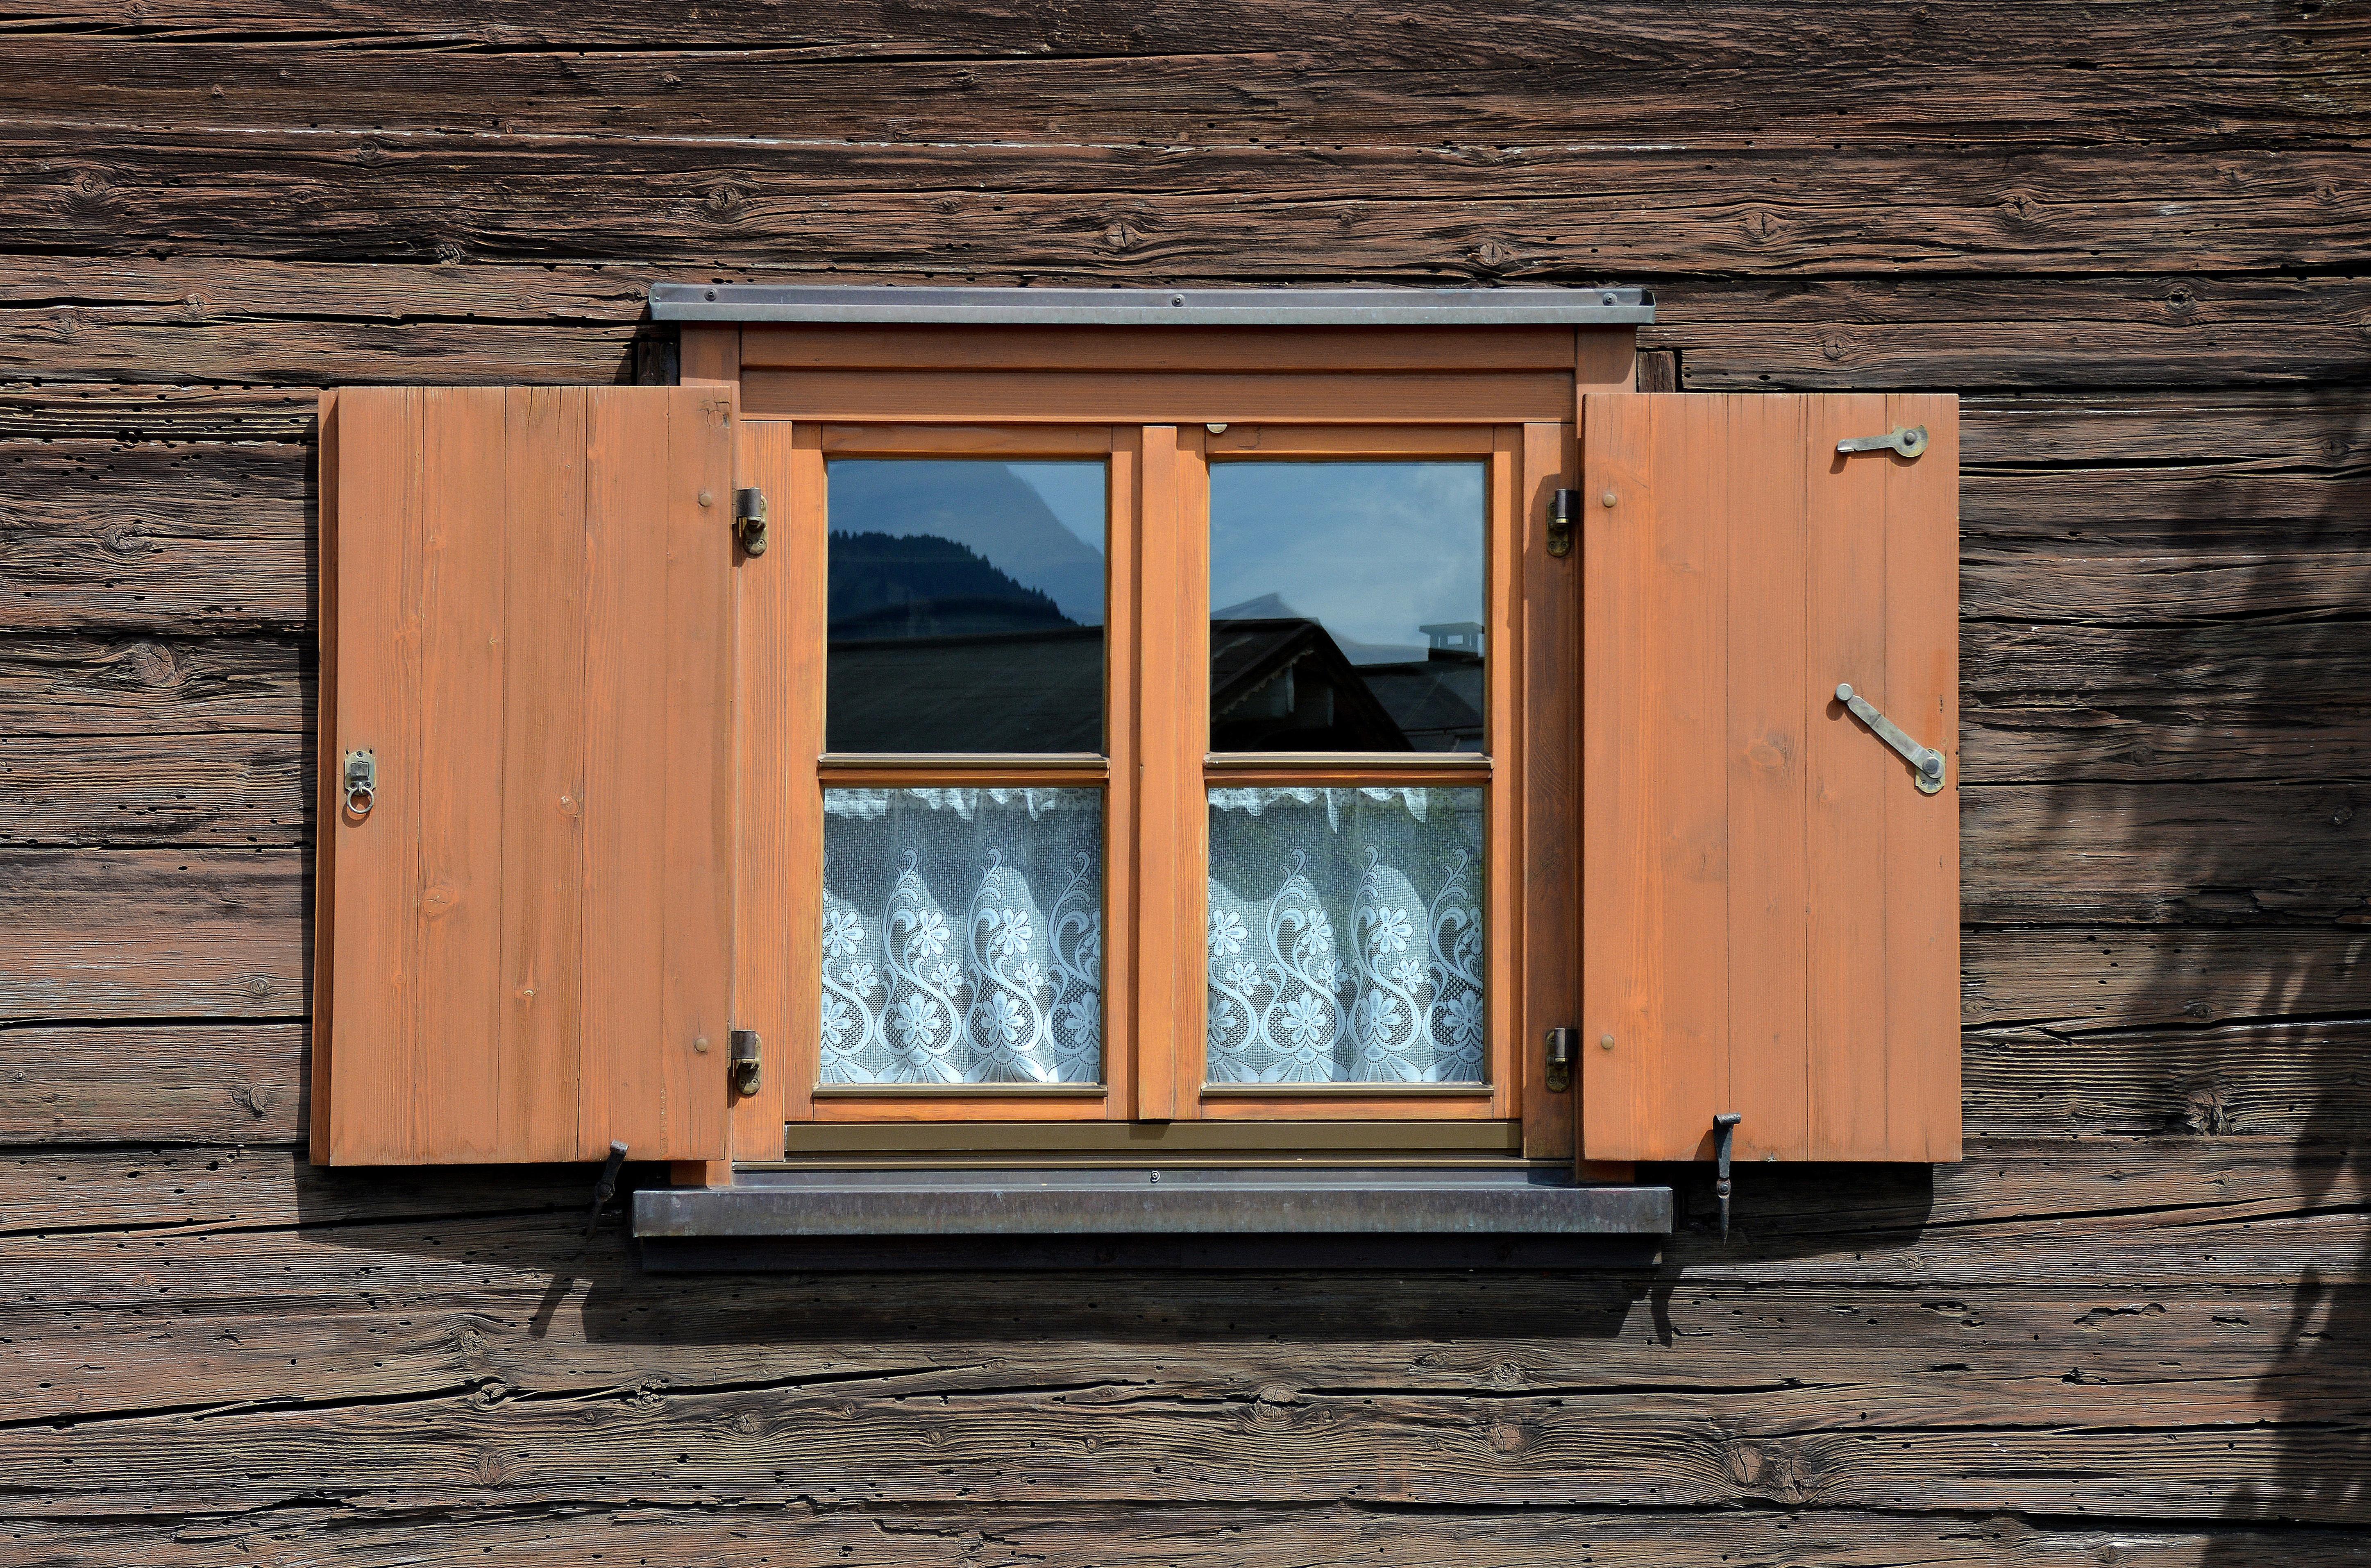 Kostenlose Foto Die Architektur Holz Haus Fenster Atmosphare